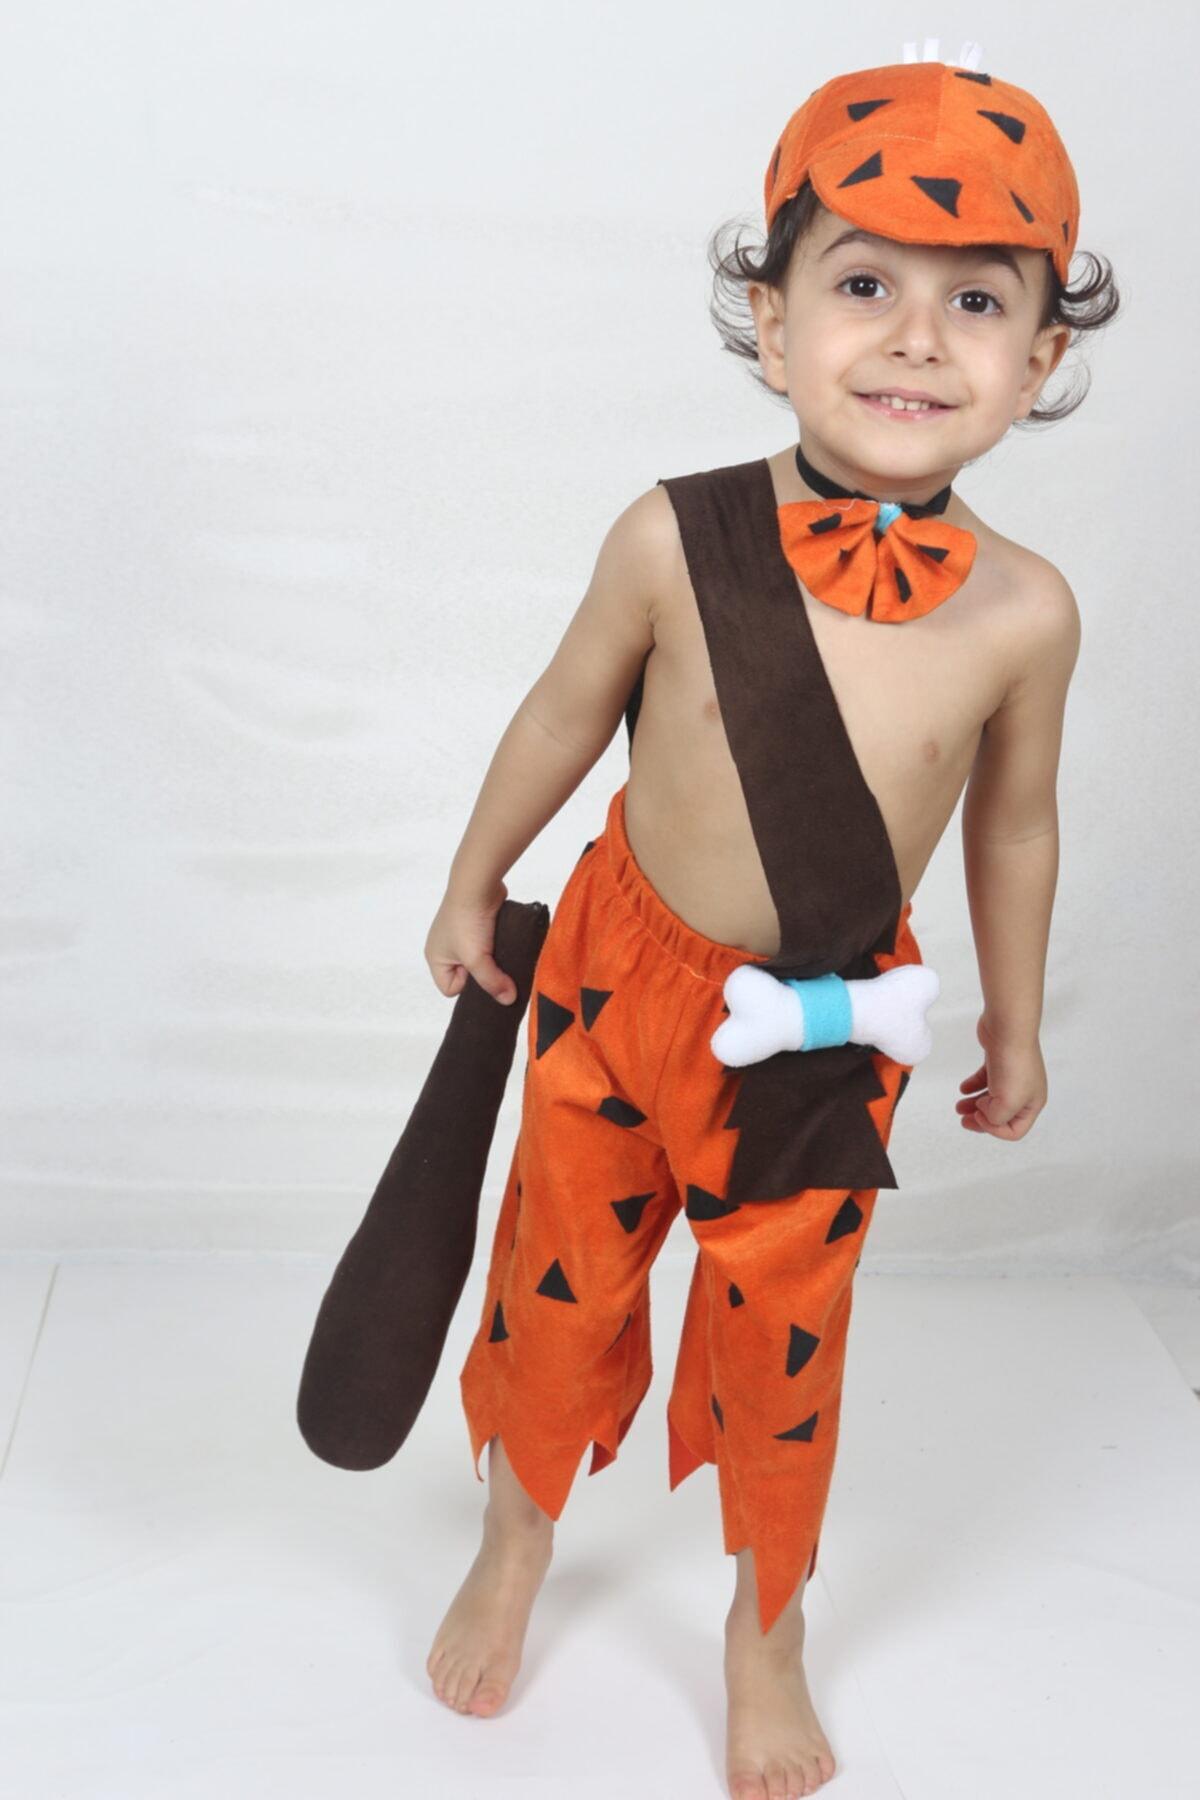 لباس خاص پسرانه ارزان برند yüsü kostüm evi رنگ نارنجی کد ty73972037